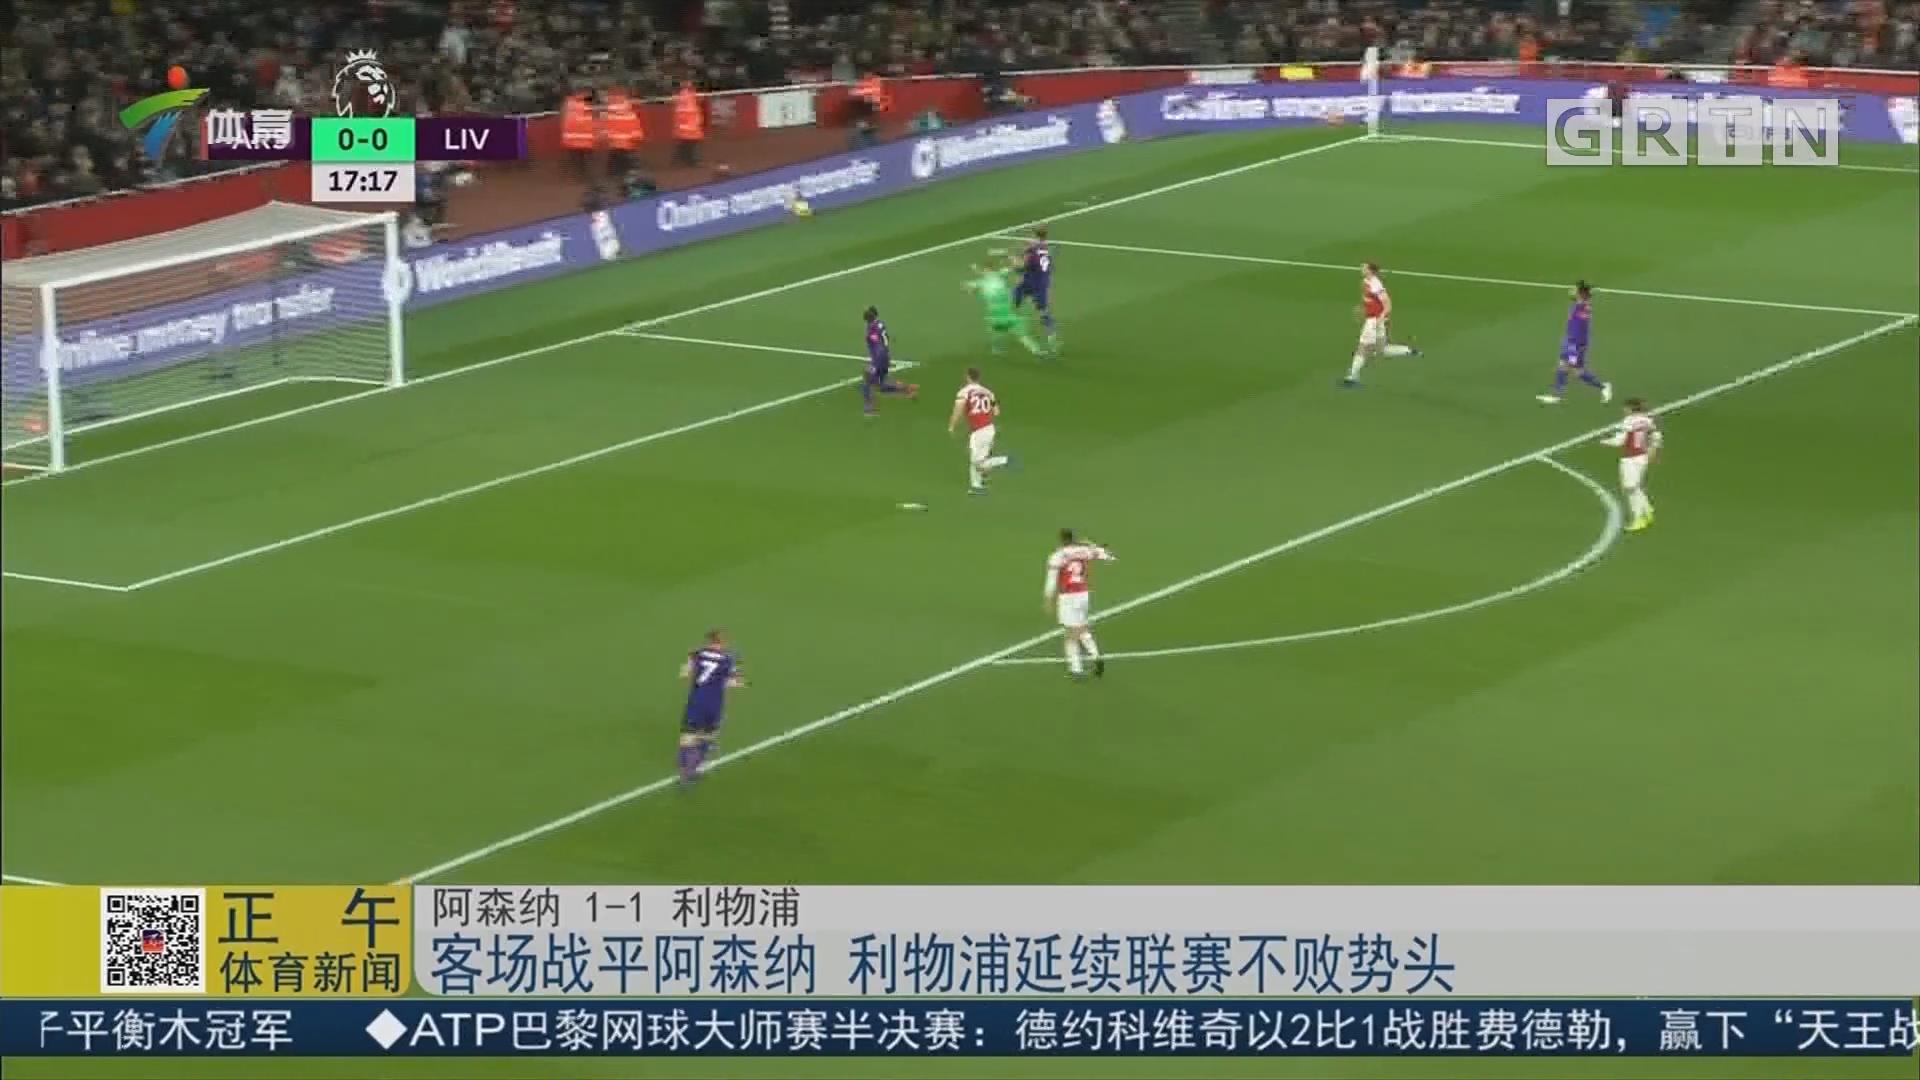 客场战平阿森纳 利物浦延续联赛不败势头